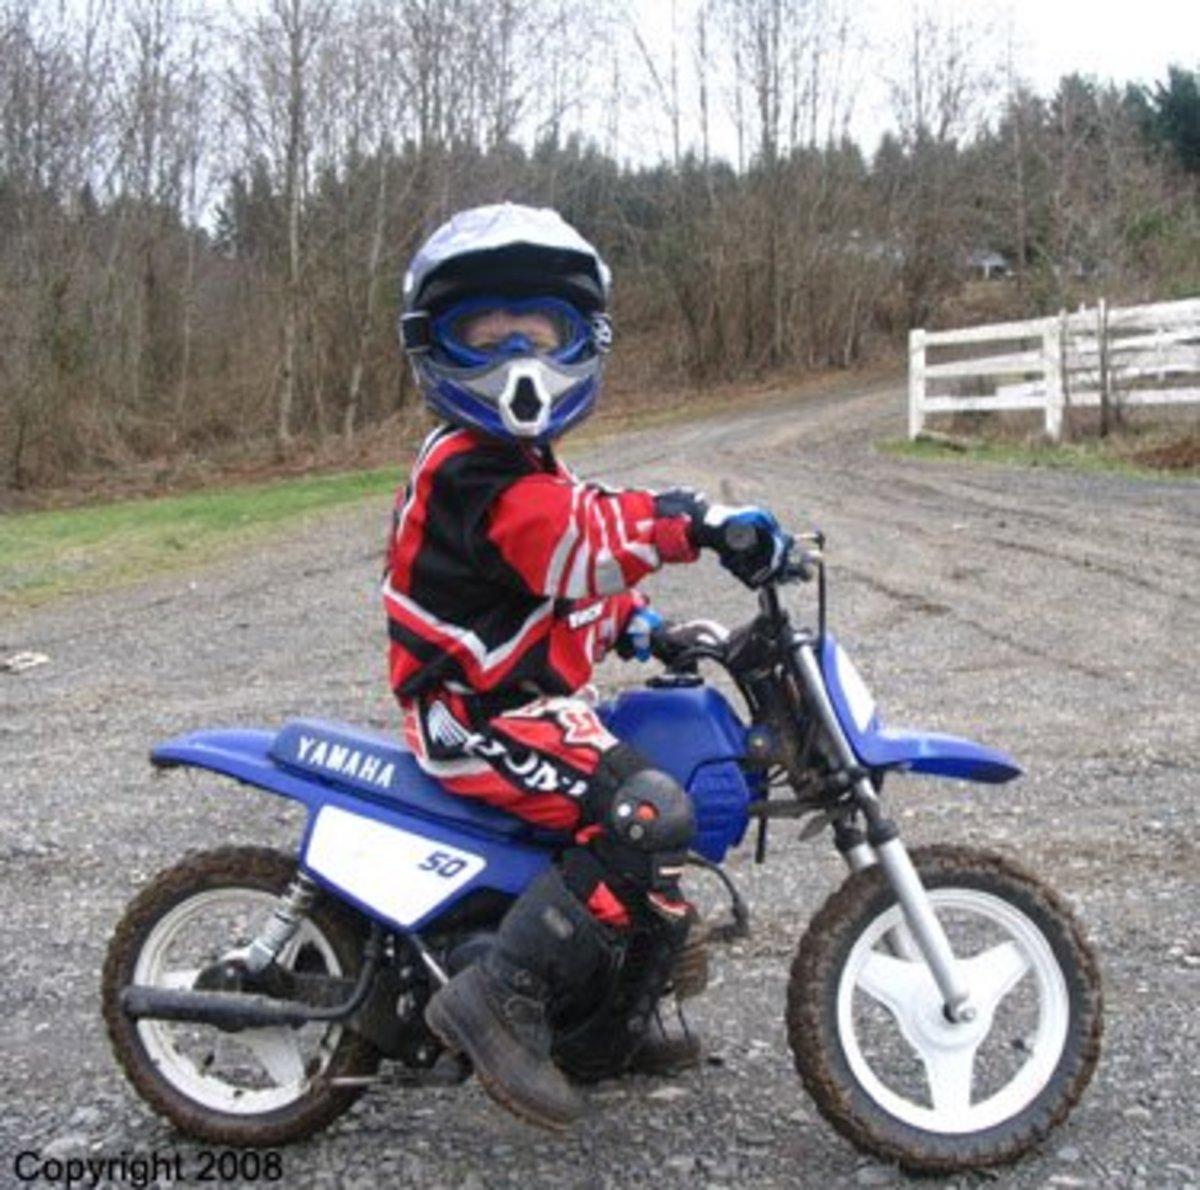 Motocross Gear Near Me >> 193029_f520.jpg